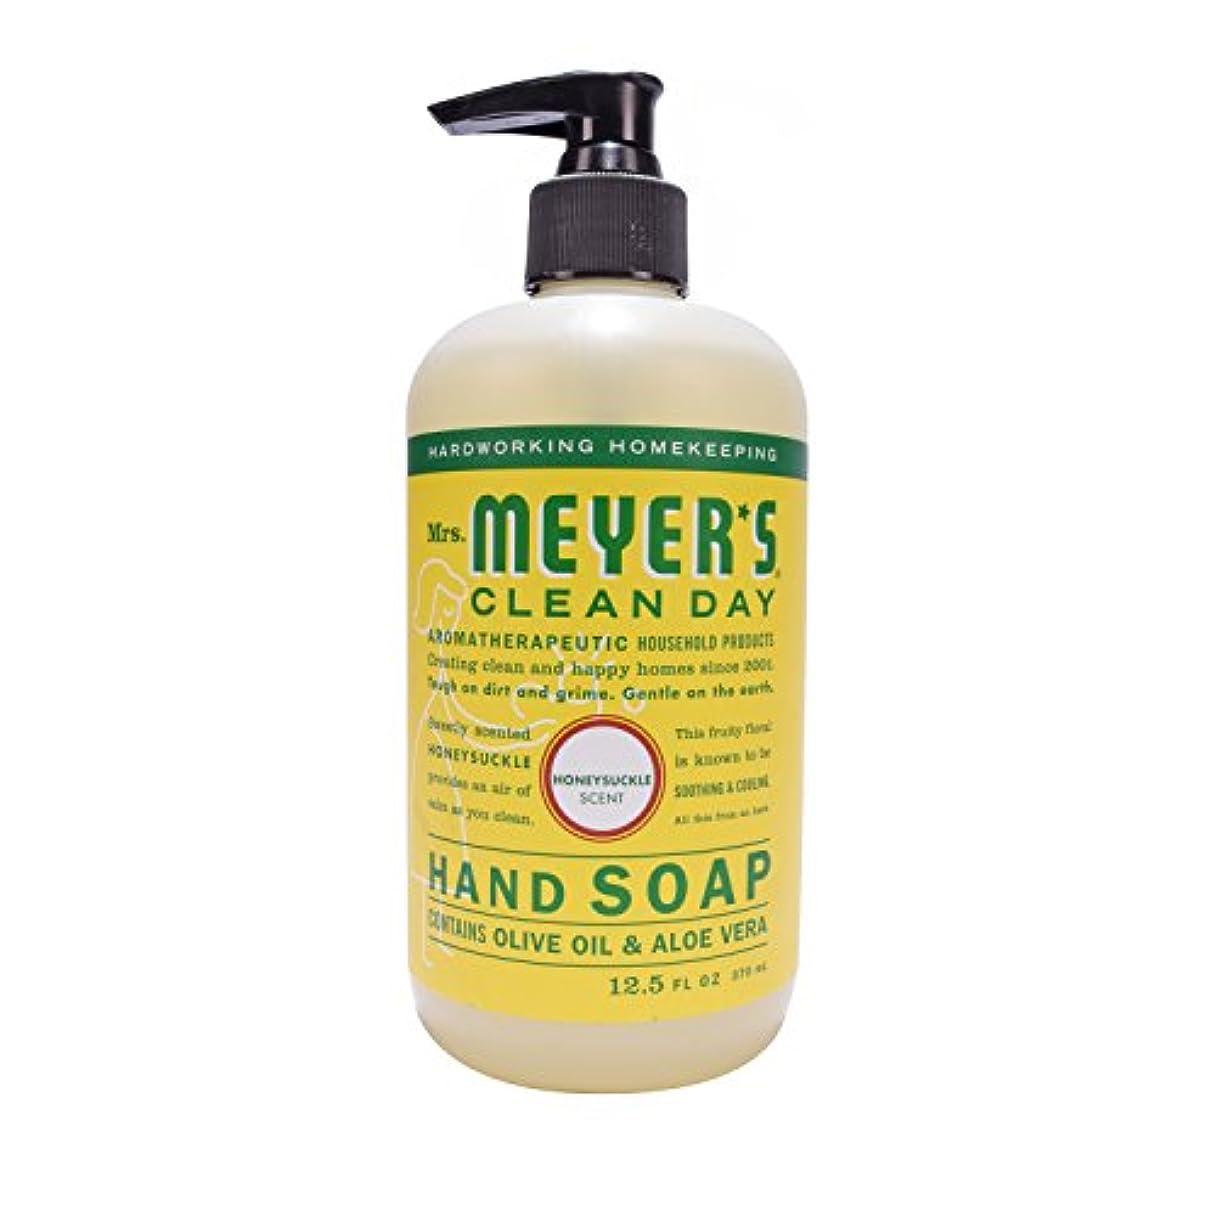 レモン時期尚早レモンMrs. Meyer's Clean Day Hand Soap Liquid, Honeysuckle, 12.5-Fluid Ounce Bottles by Mrs. Meyer's Clean Day